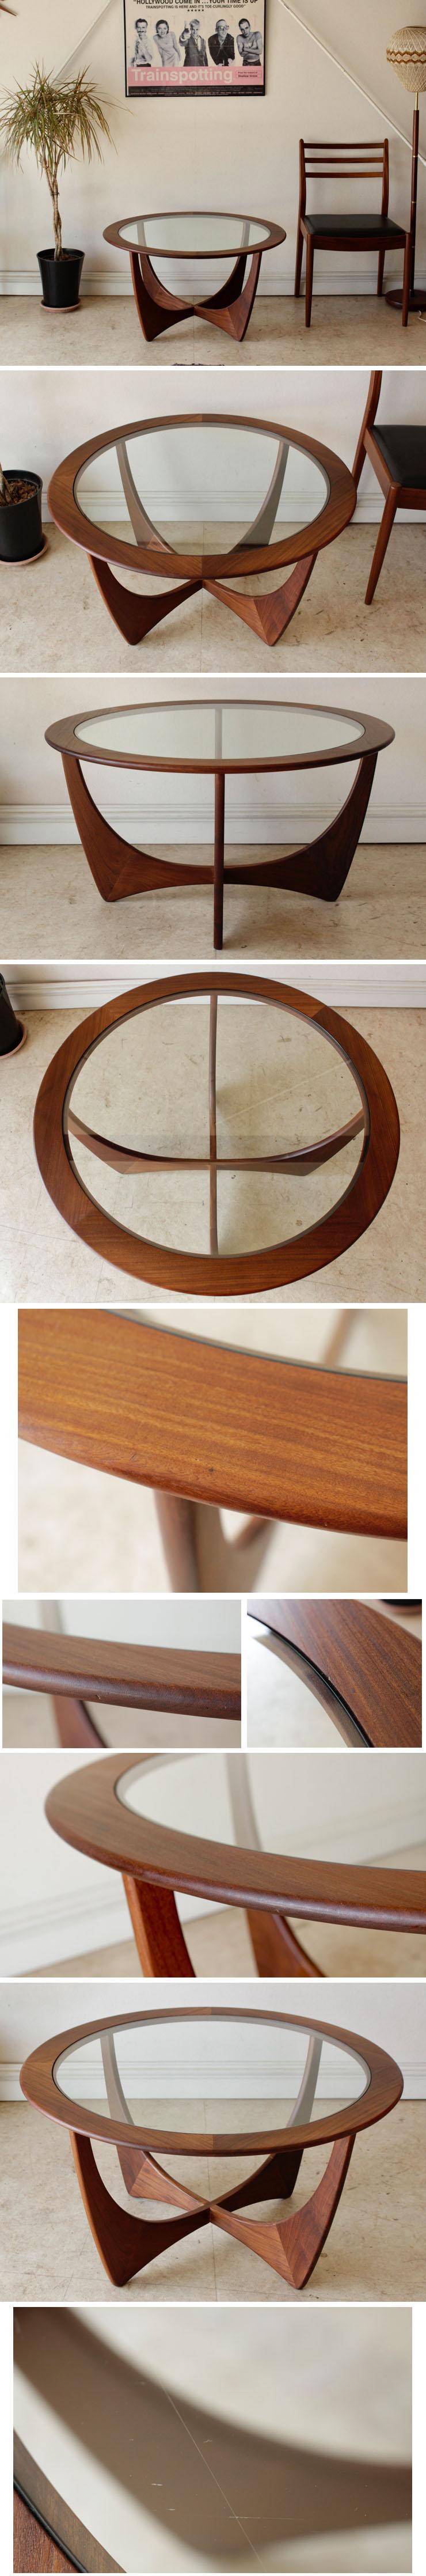 ジープラン ・ガラステーブル・コーヒーテーブル・サークル・チーク・ビンテージ・アンティーク・ミッドセンチュリー・イギリス